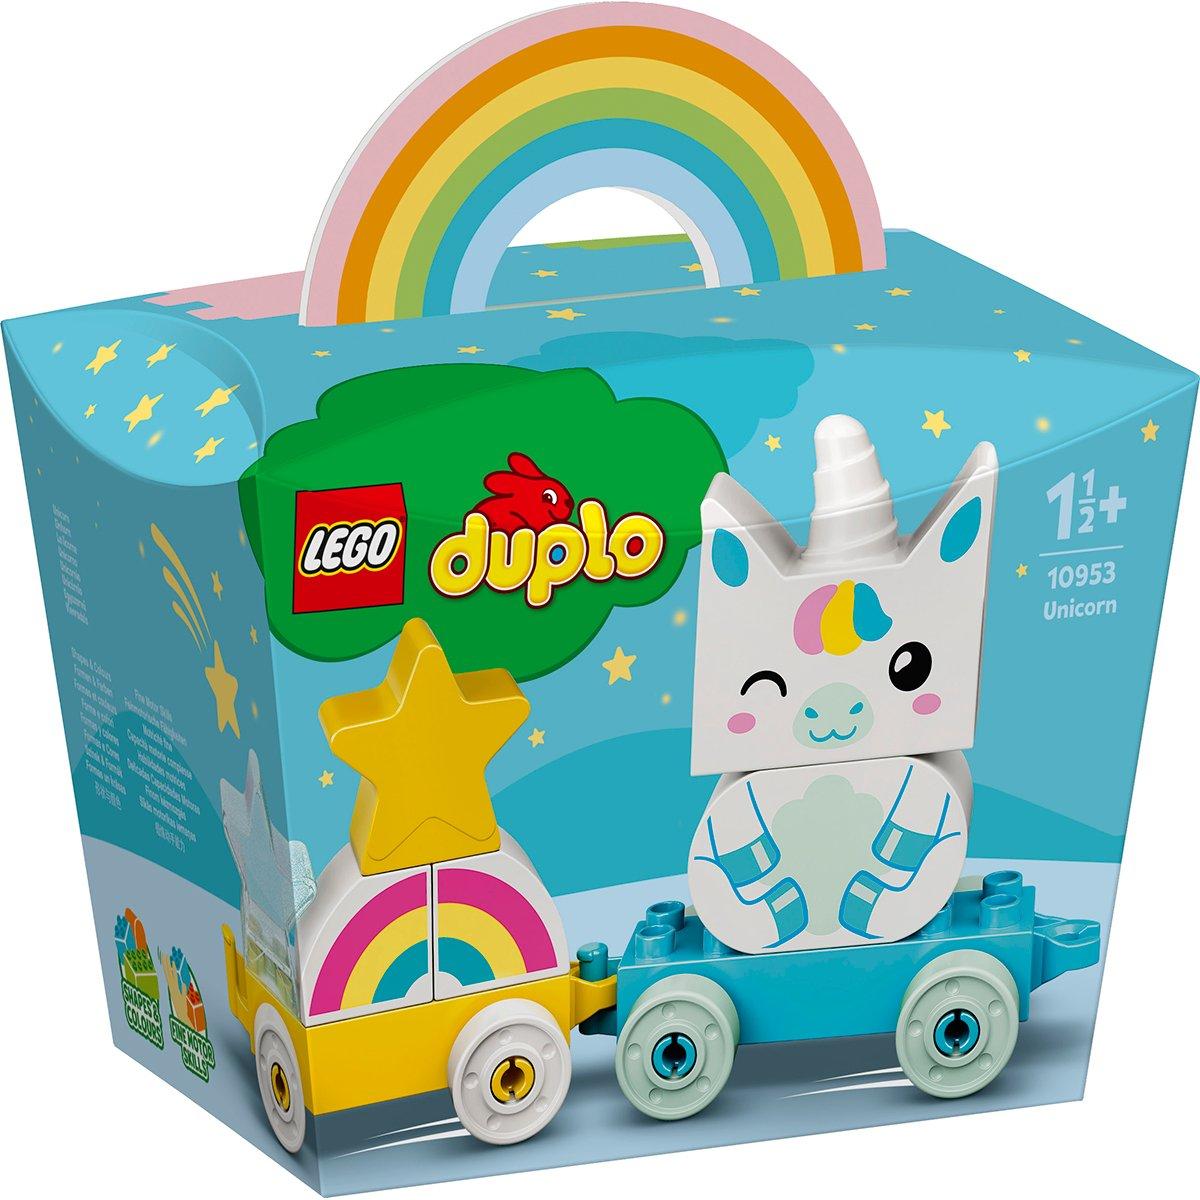 LEGO® DUPLO® - Unicorn (10953)